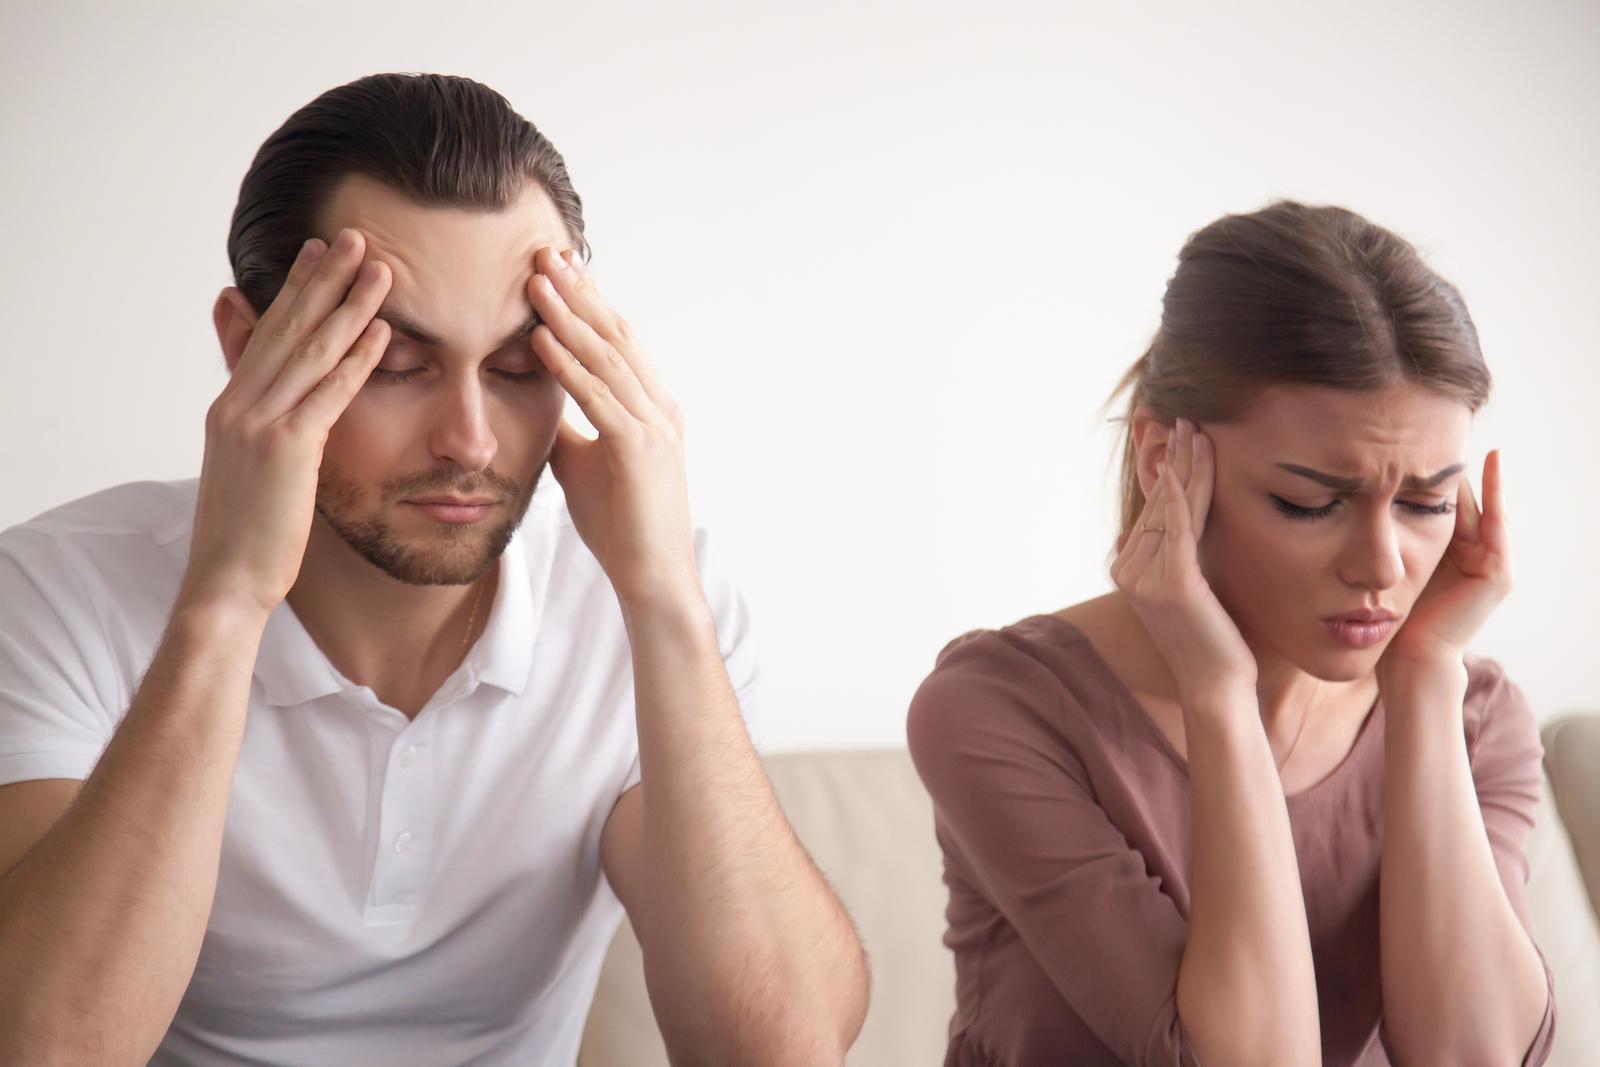 Отсутствие сна и размолвка с супругой могут сказаться на здоровье